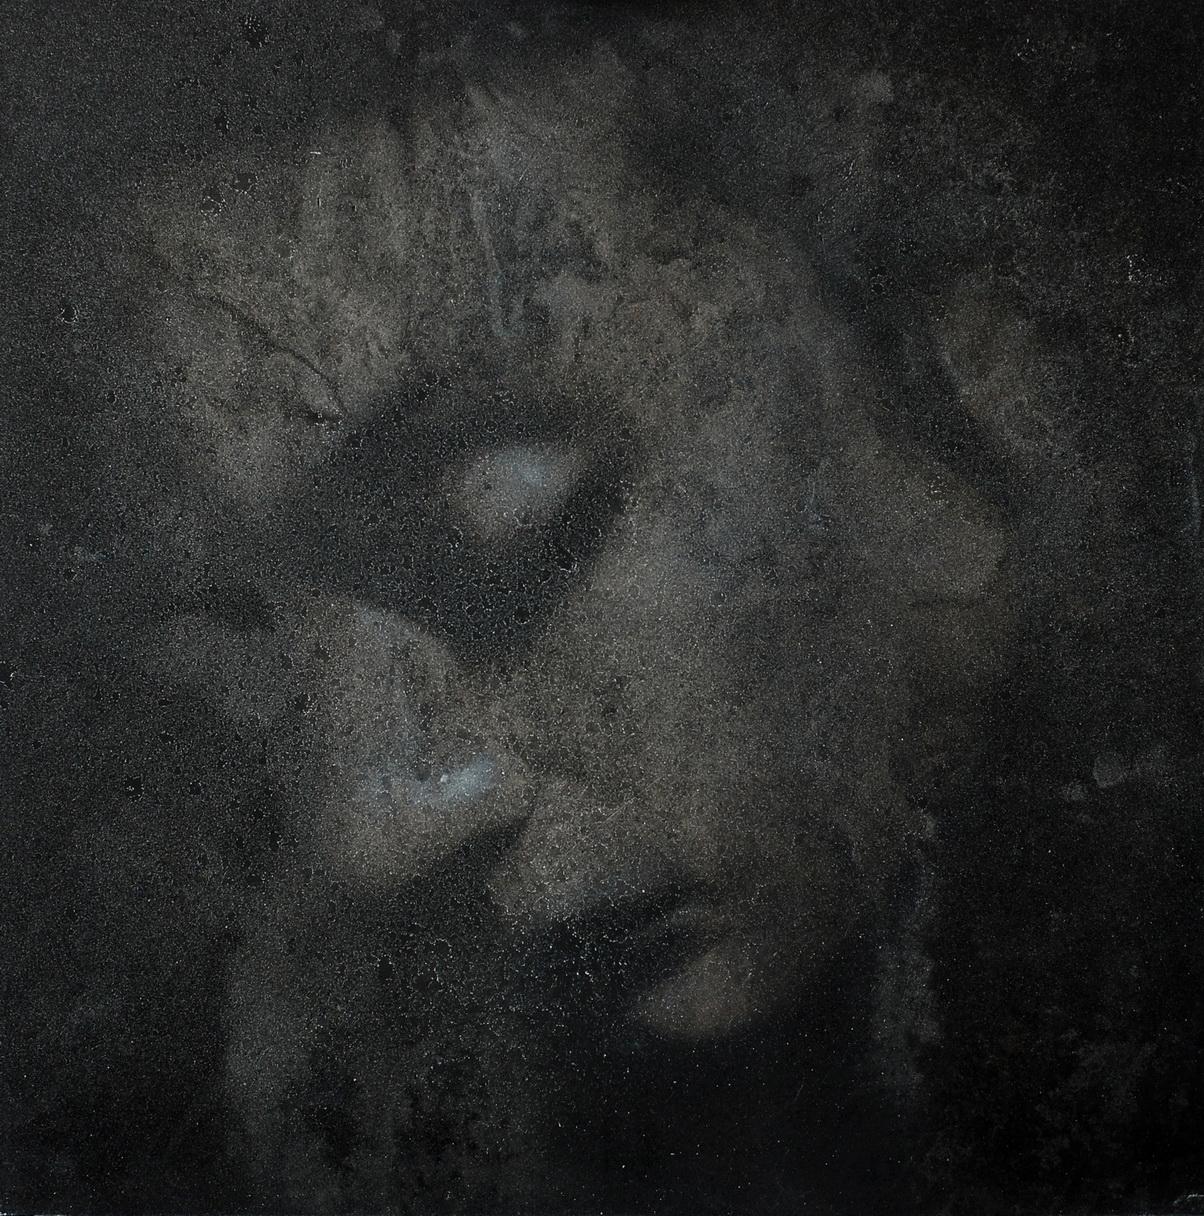 Sleepers, 2013. Artist: Edgar Invoker. Acrylic on polyvinylchloride, 50 x 50 cm, $300.   @edgarinvoker